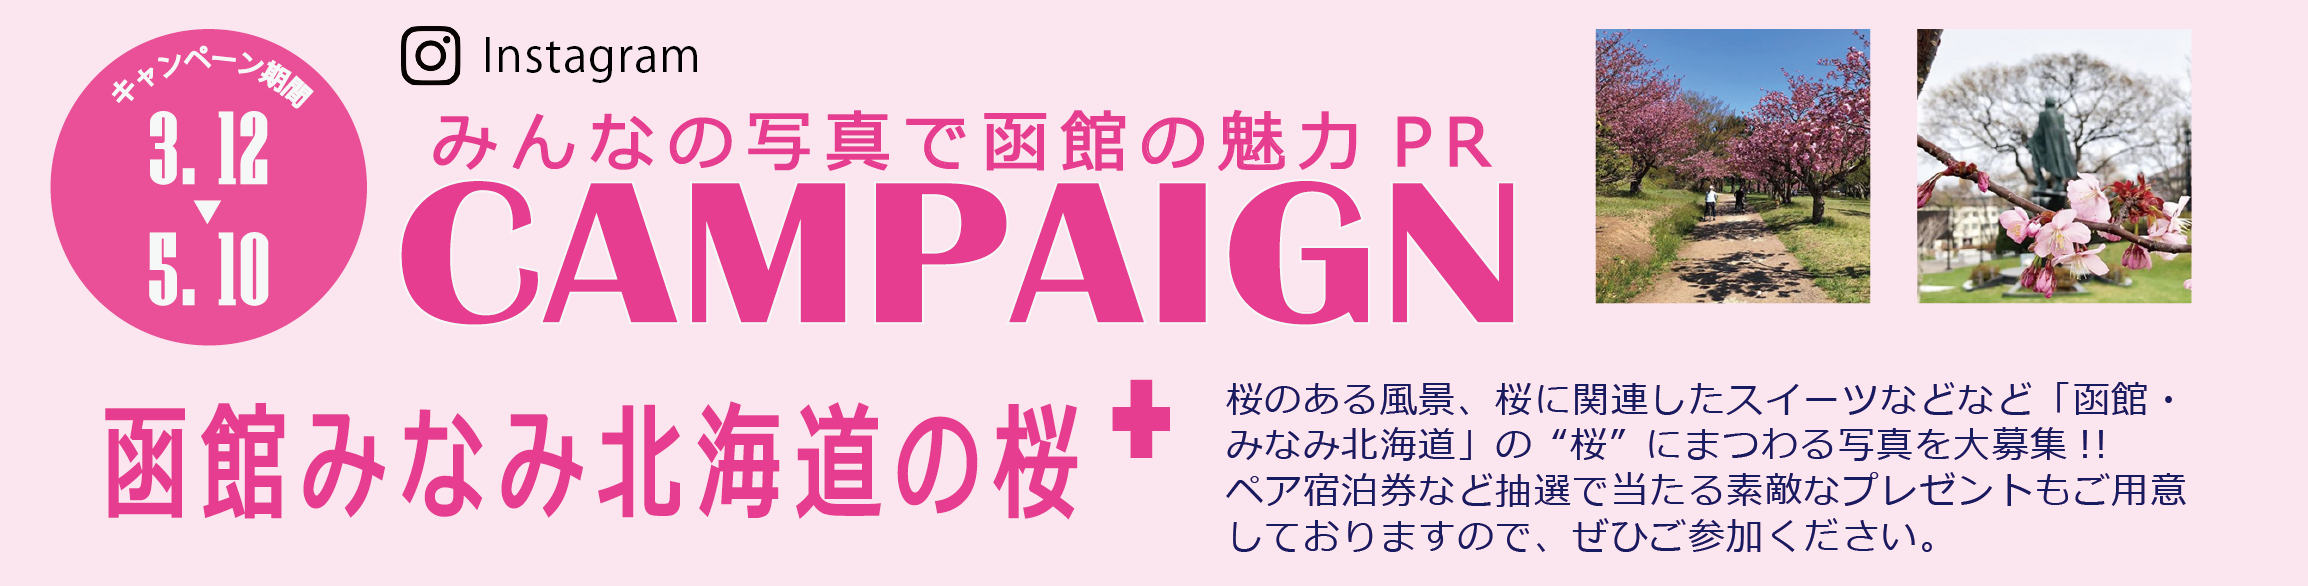 みんなの写真で函館の魅力PRキャンペーン開催中!